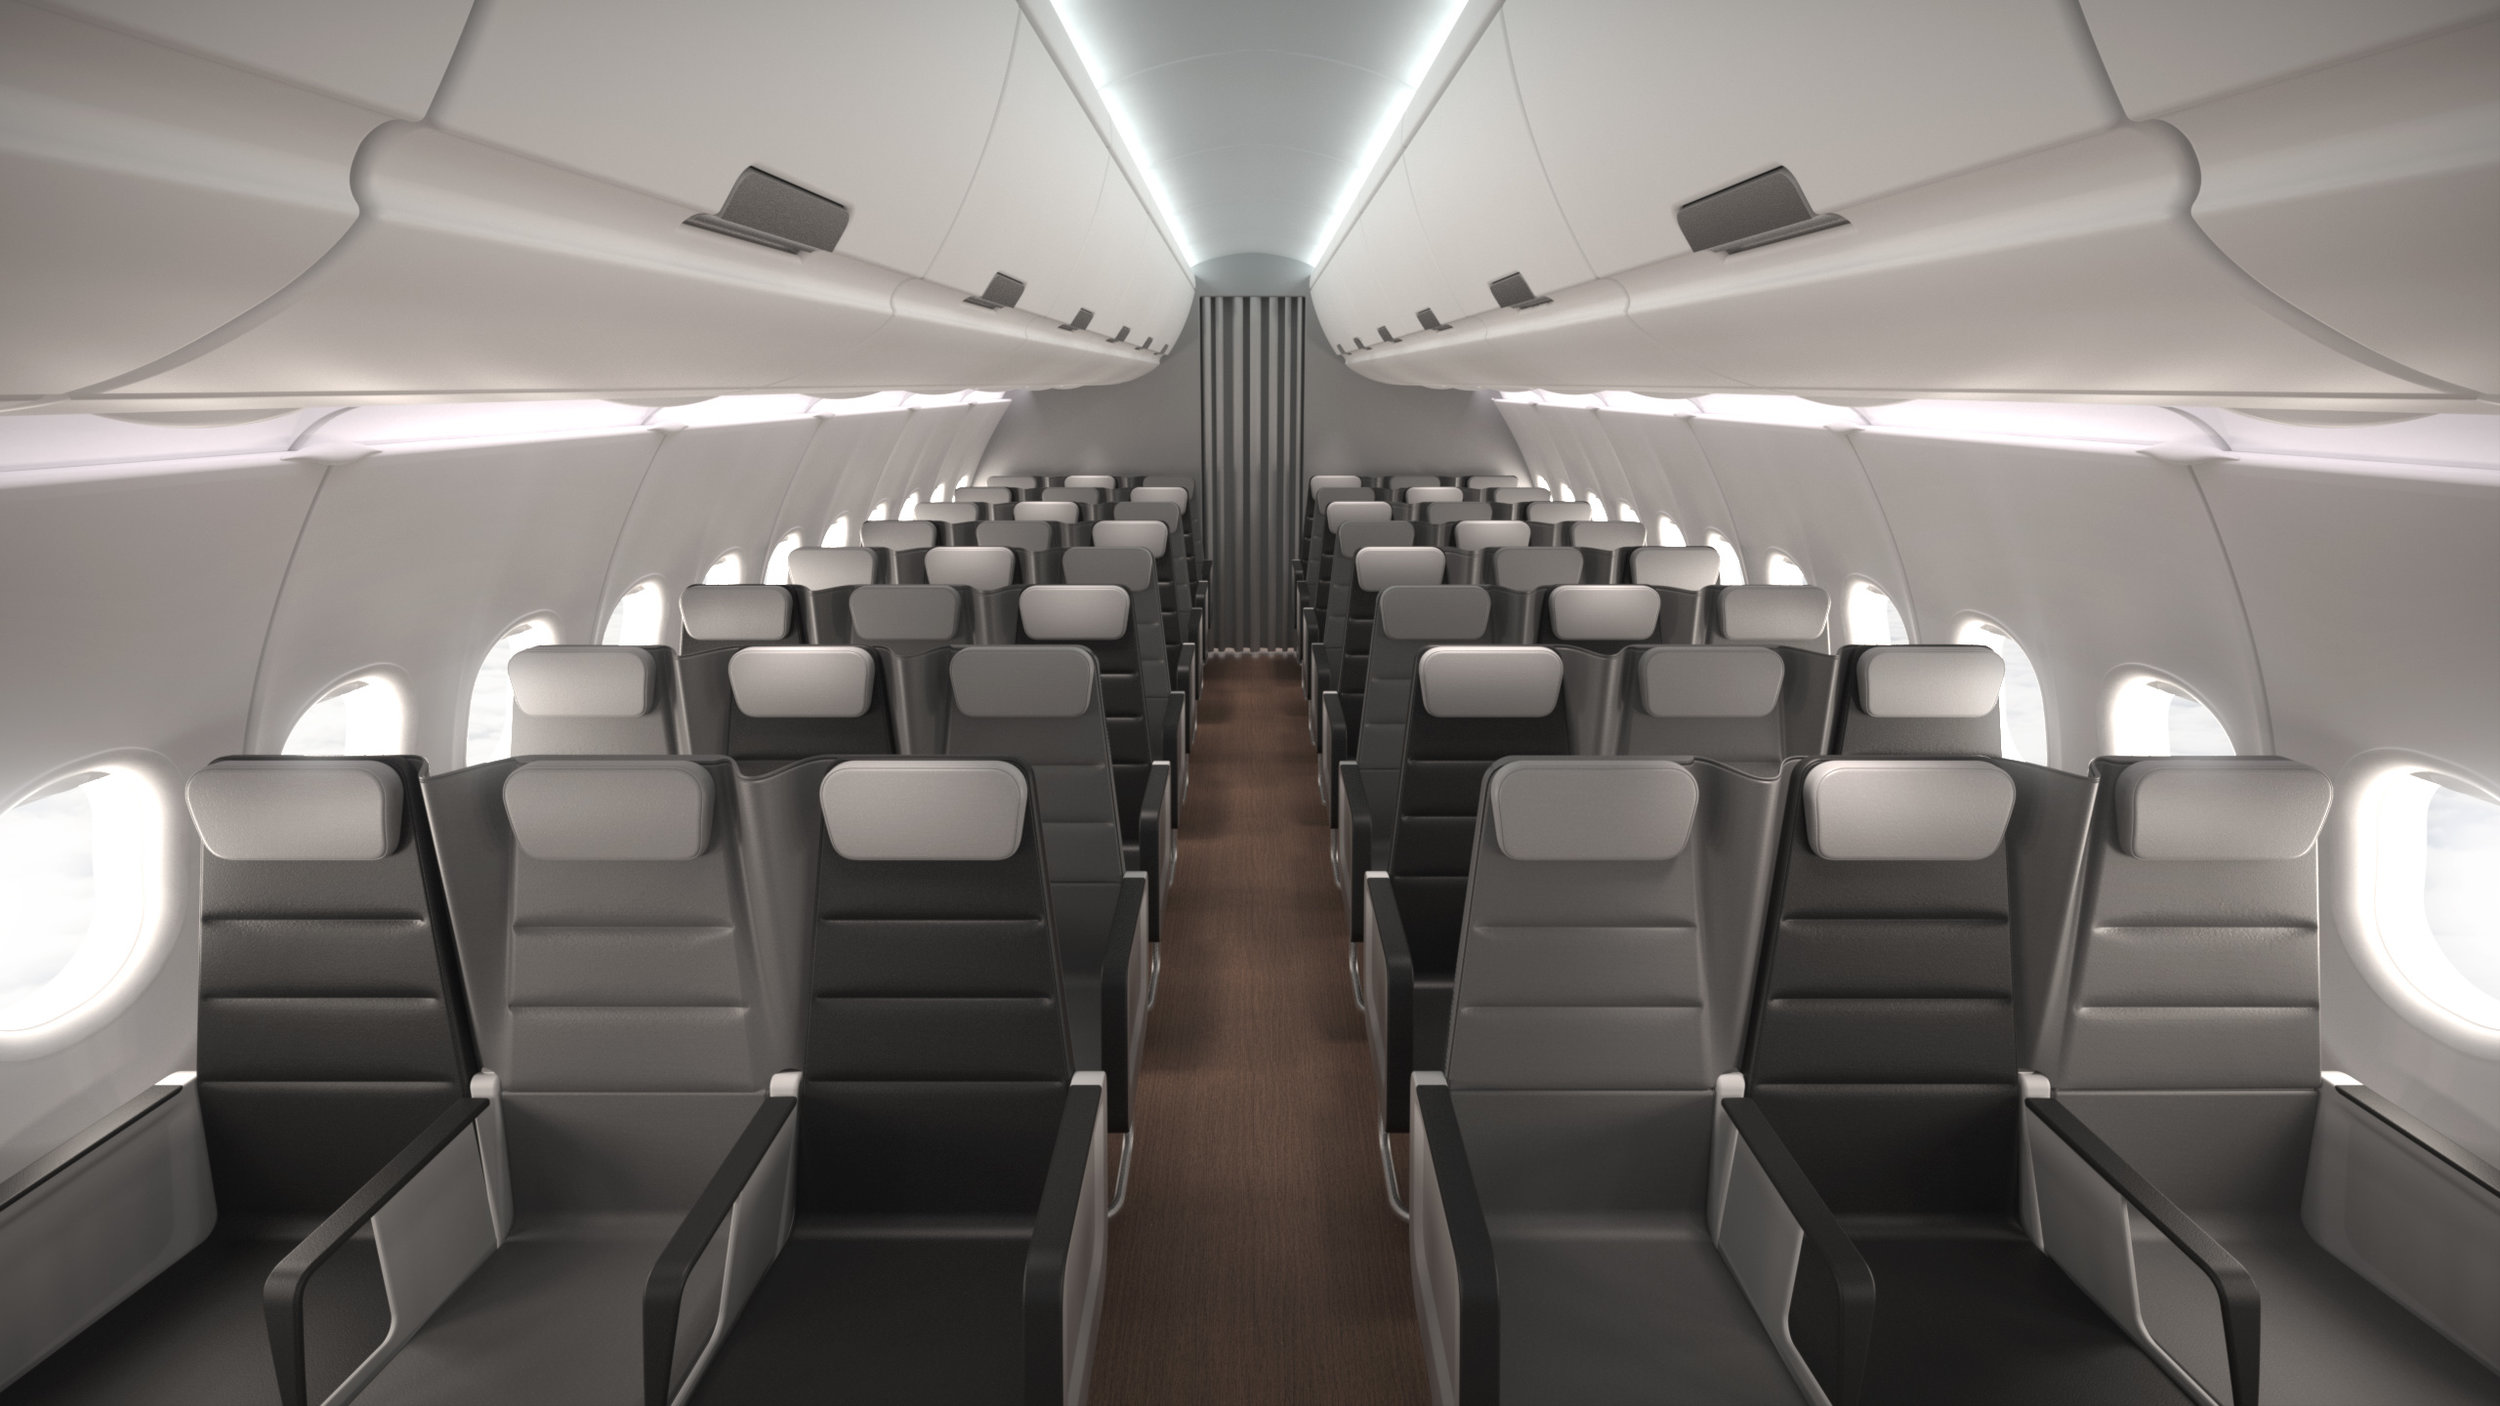 Checkerboard Aircraft Seating